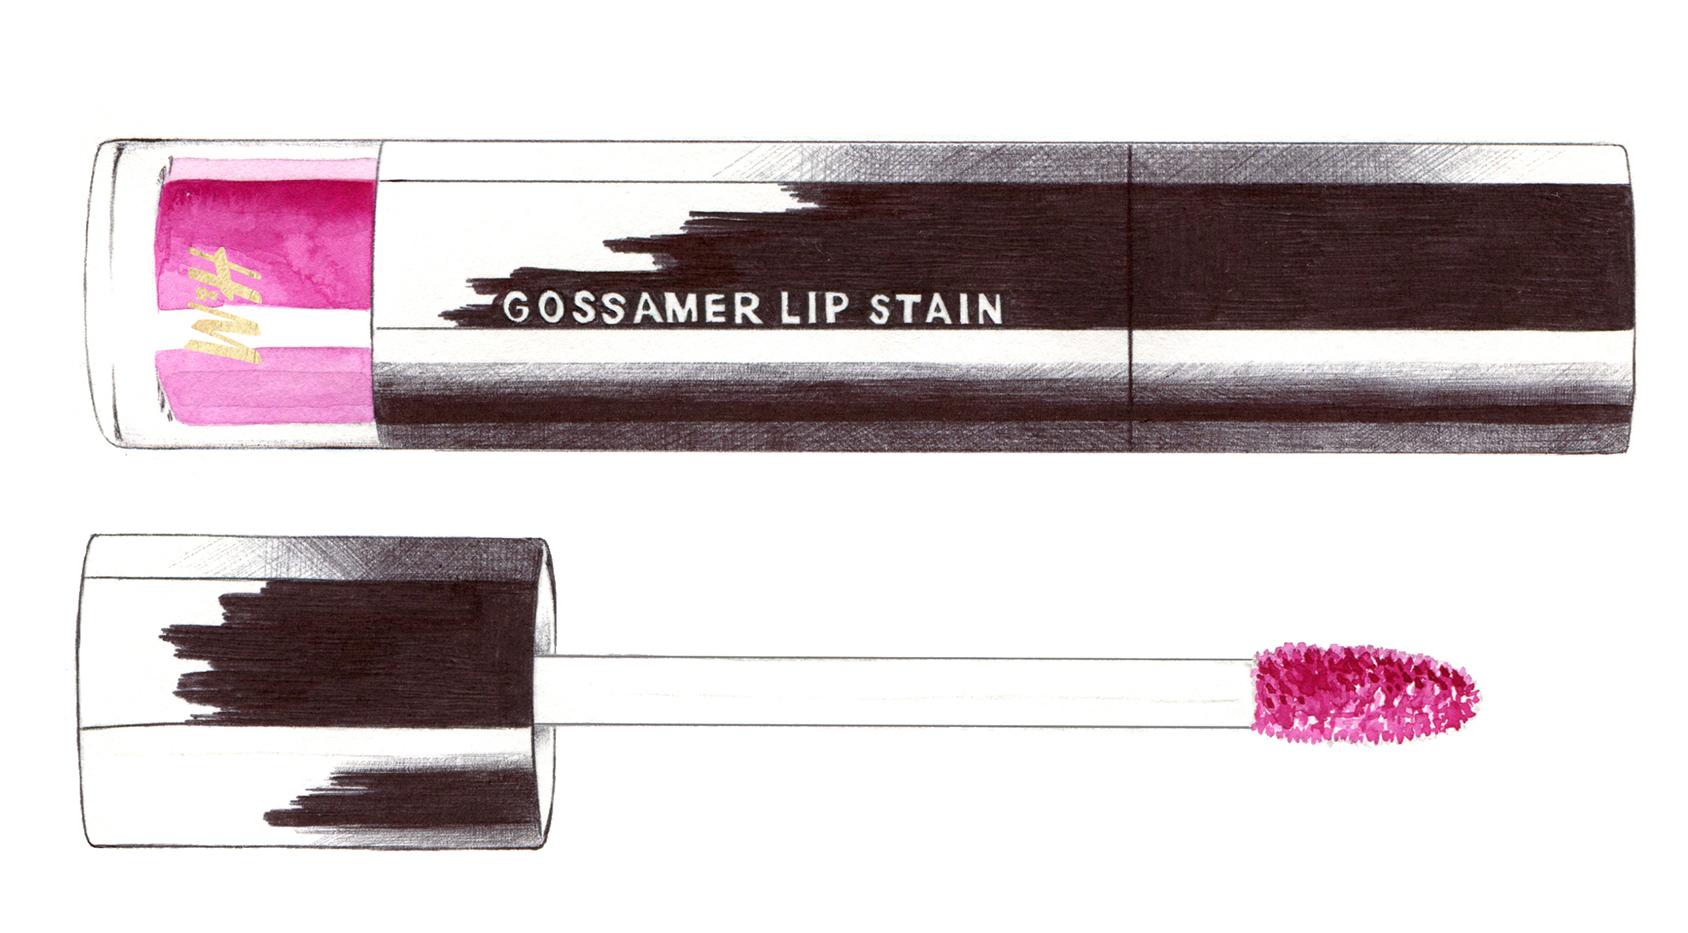 GOSSAMER LIP STAIN